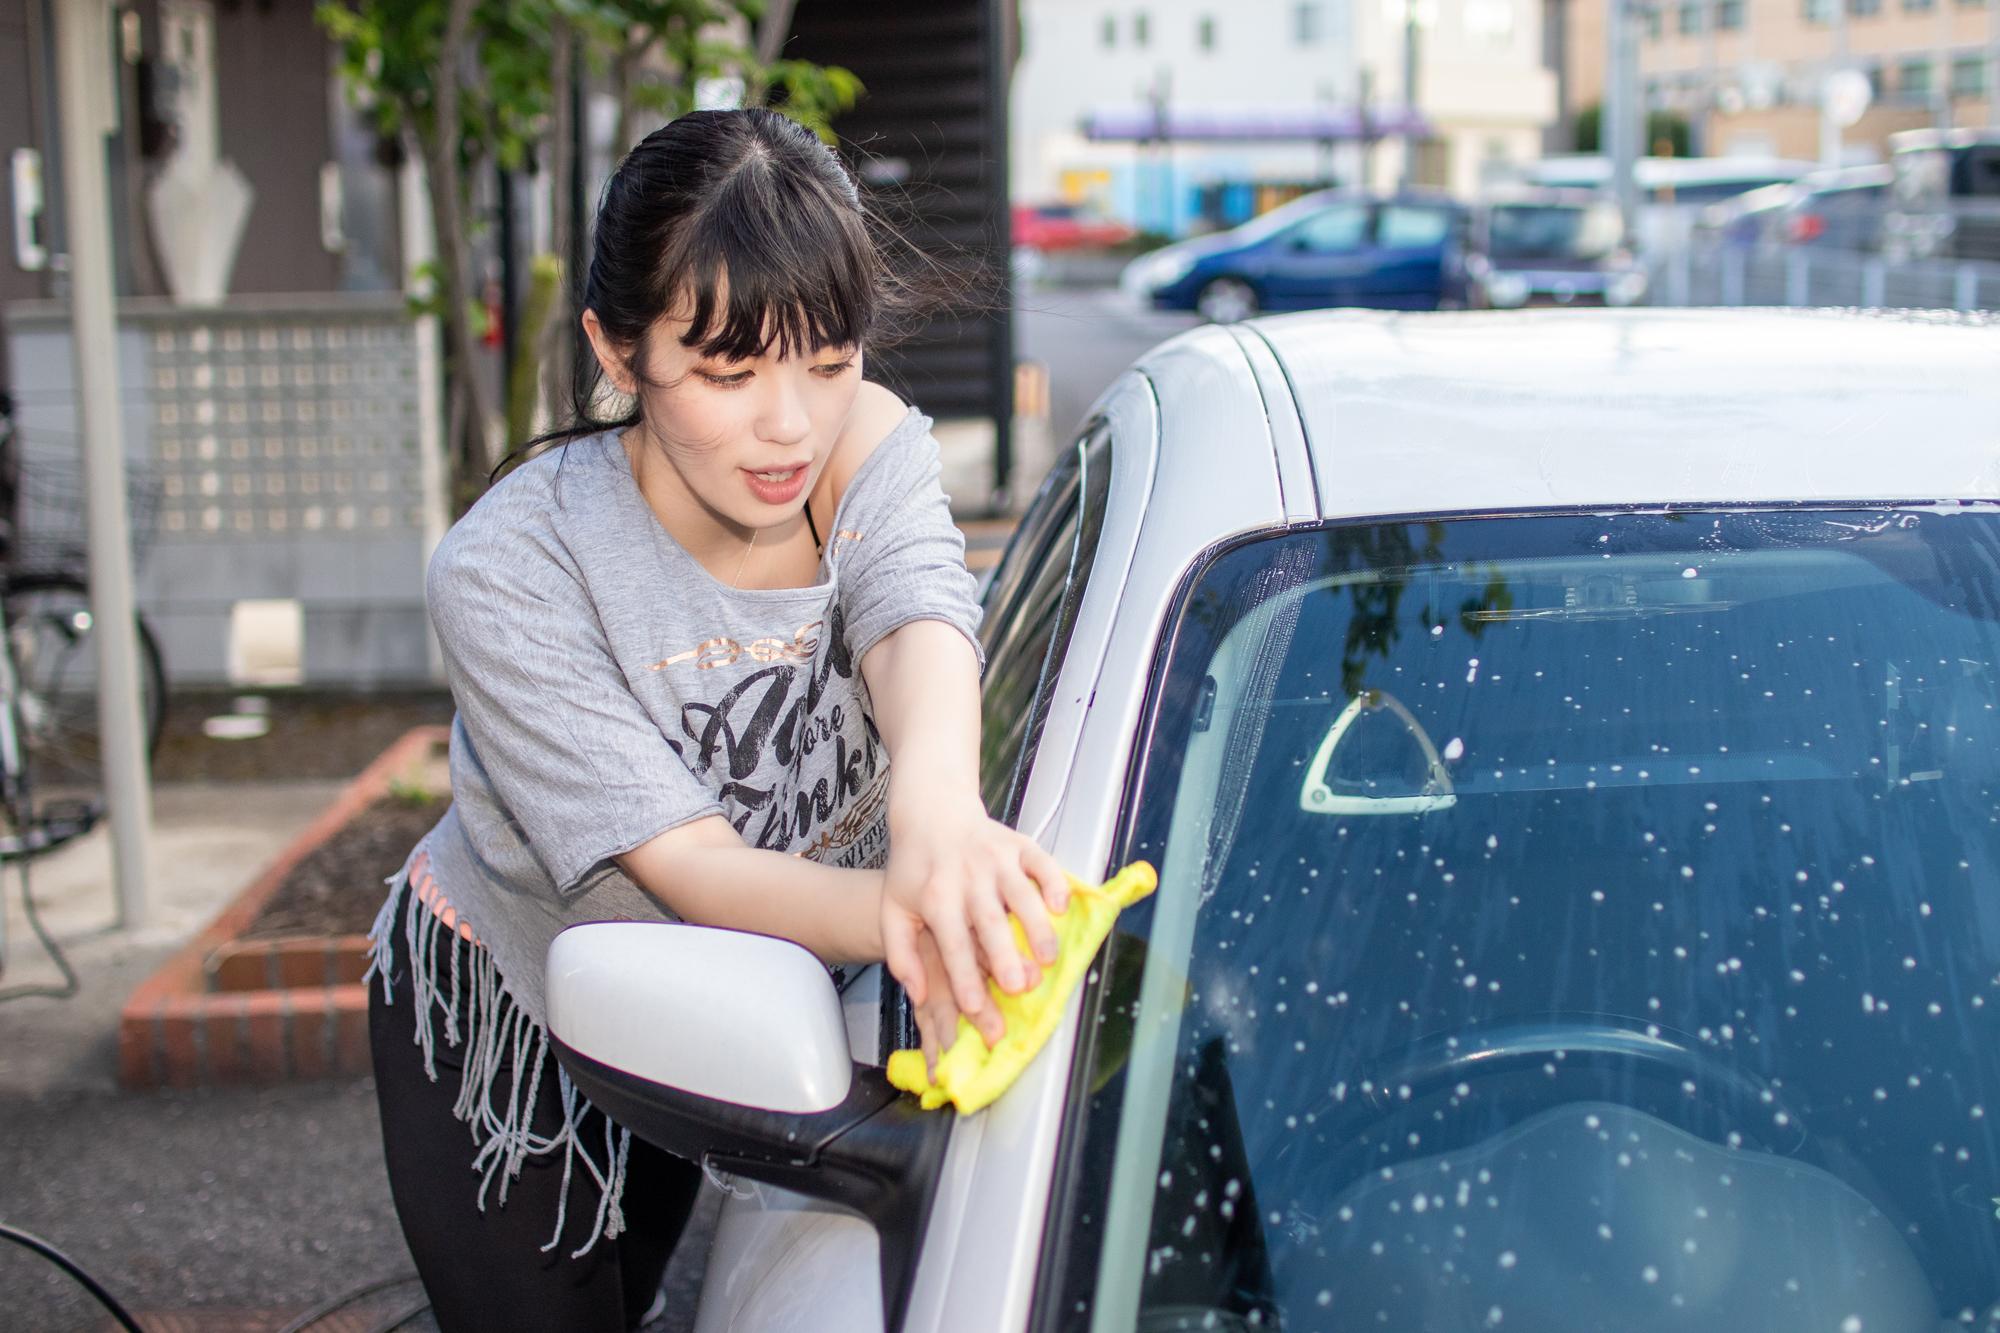 女性が洗車している画像